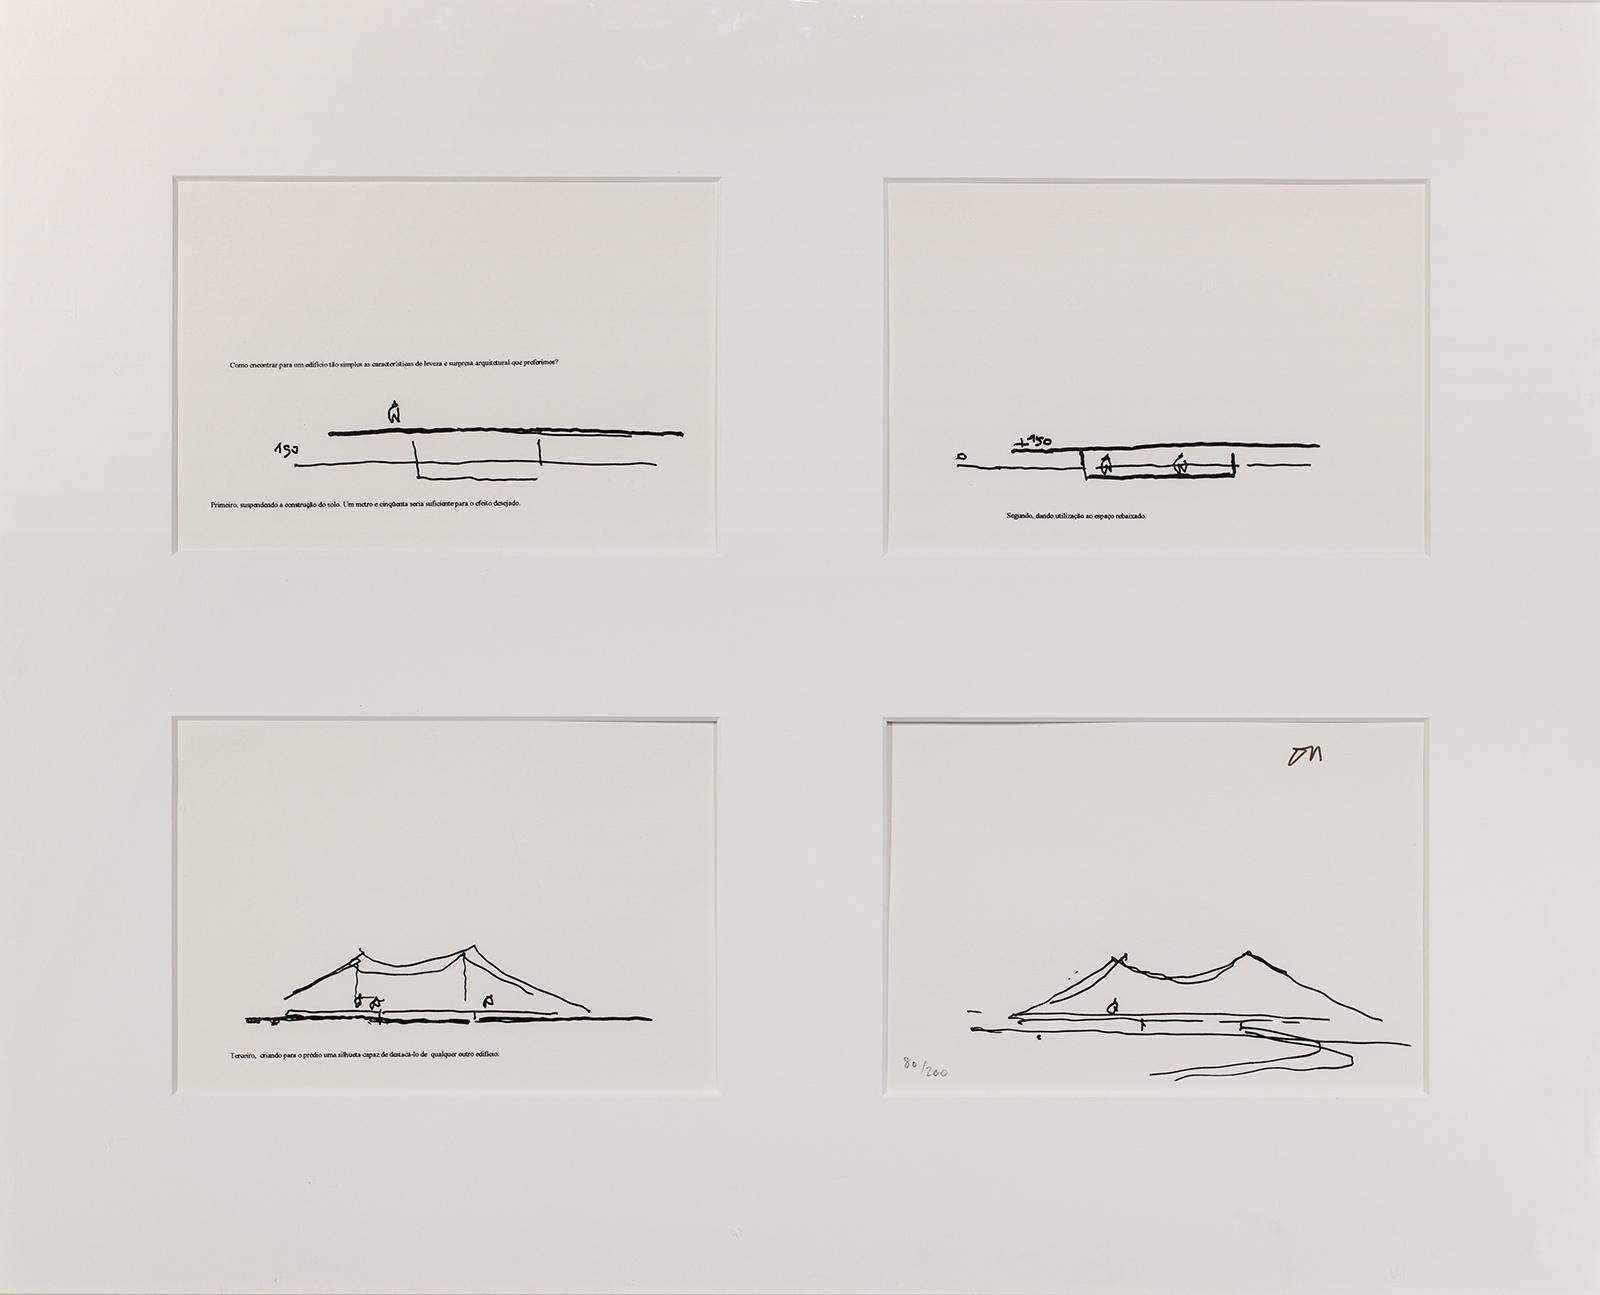 Oscar Niemeyer, Serpentine Gallery Pavilion, 2003